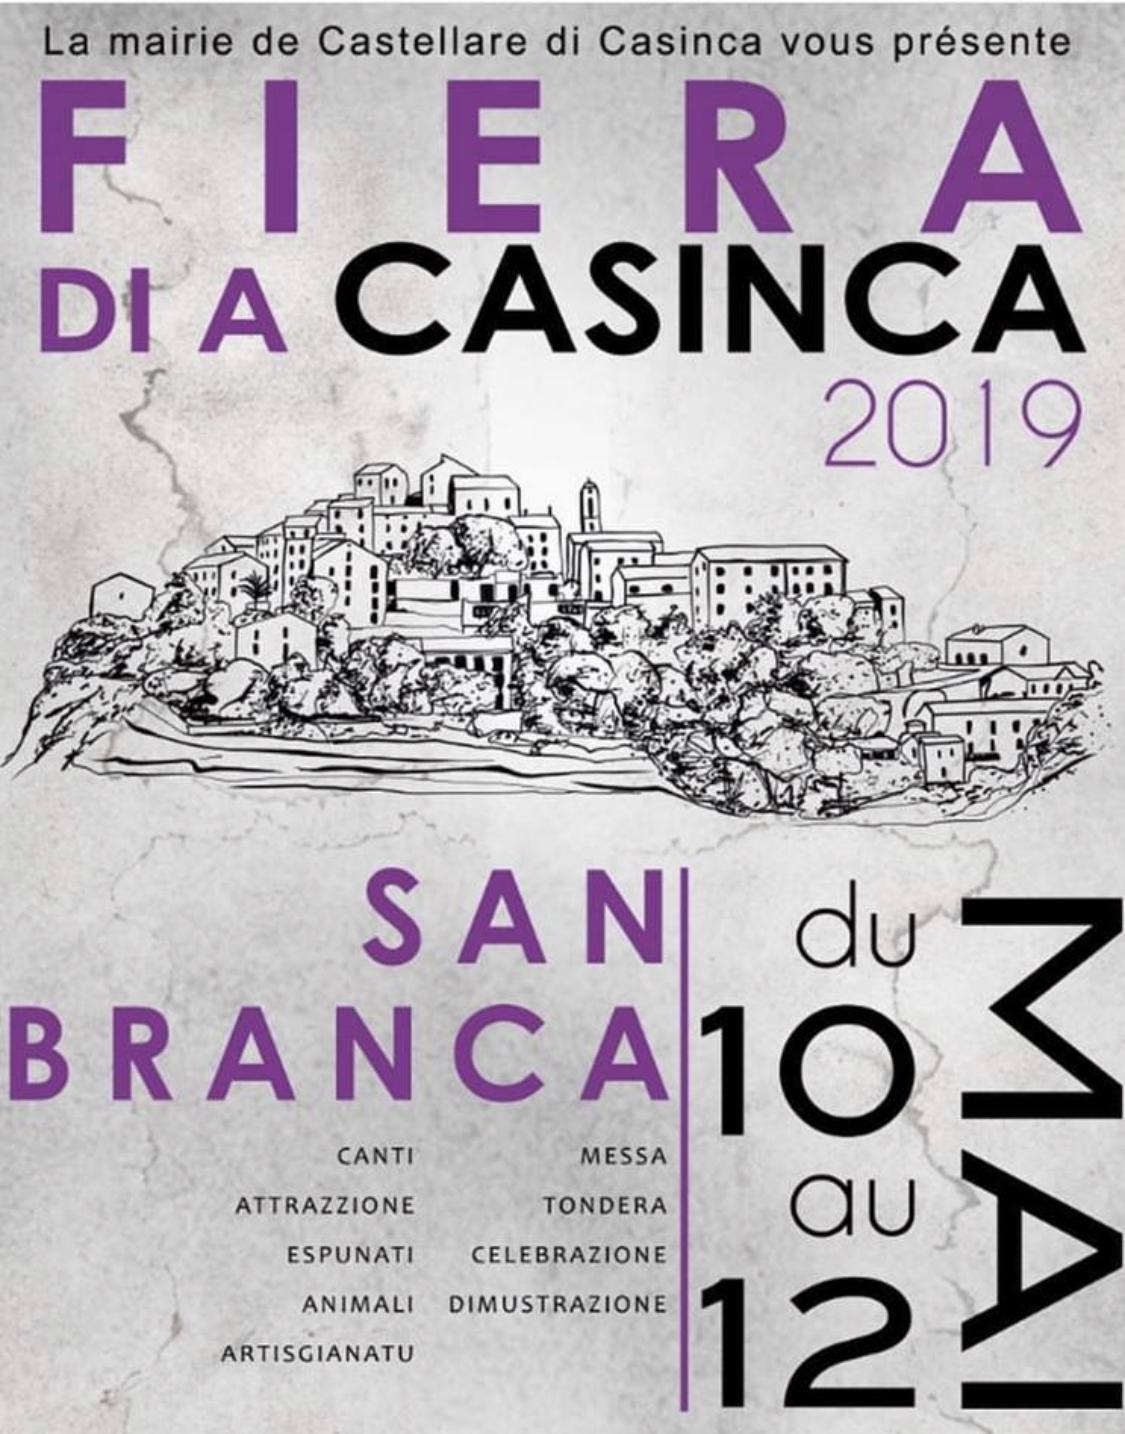 Castellare di Casinca : La foire de Saint Pancrace revient du 10 au 12 mai